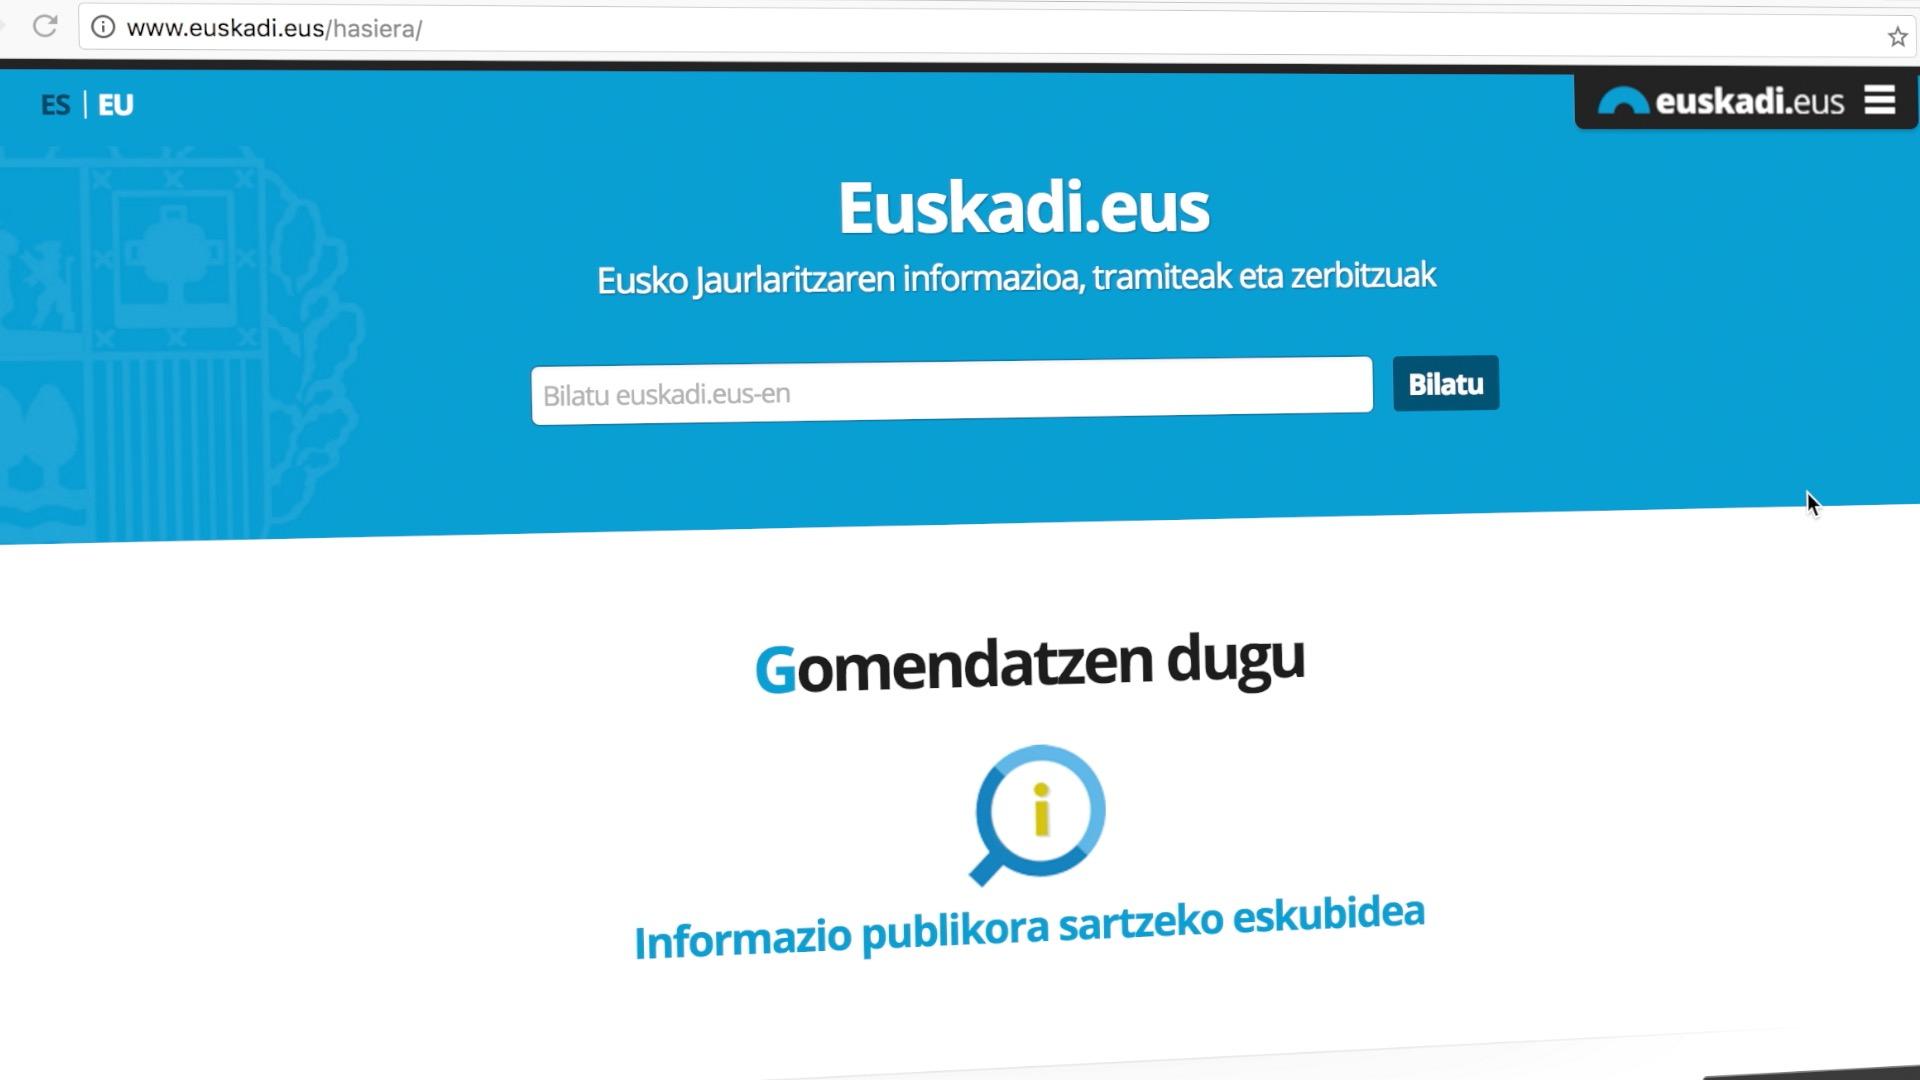 acceso_informacion_eu.jpg